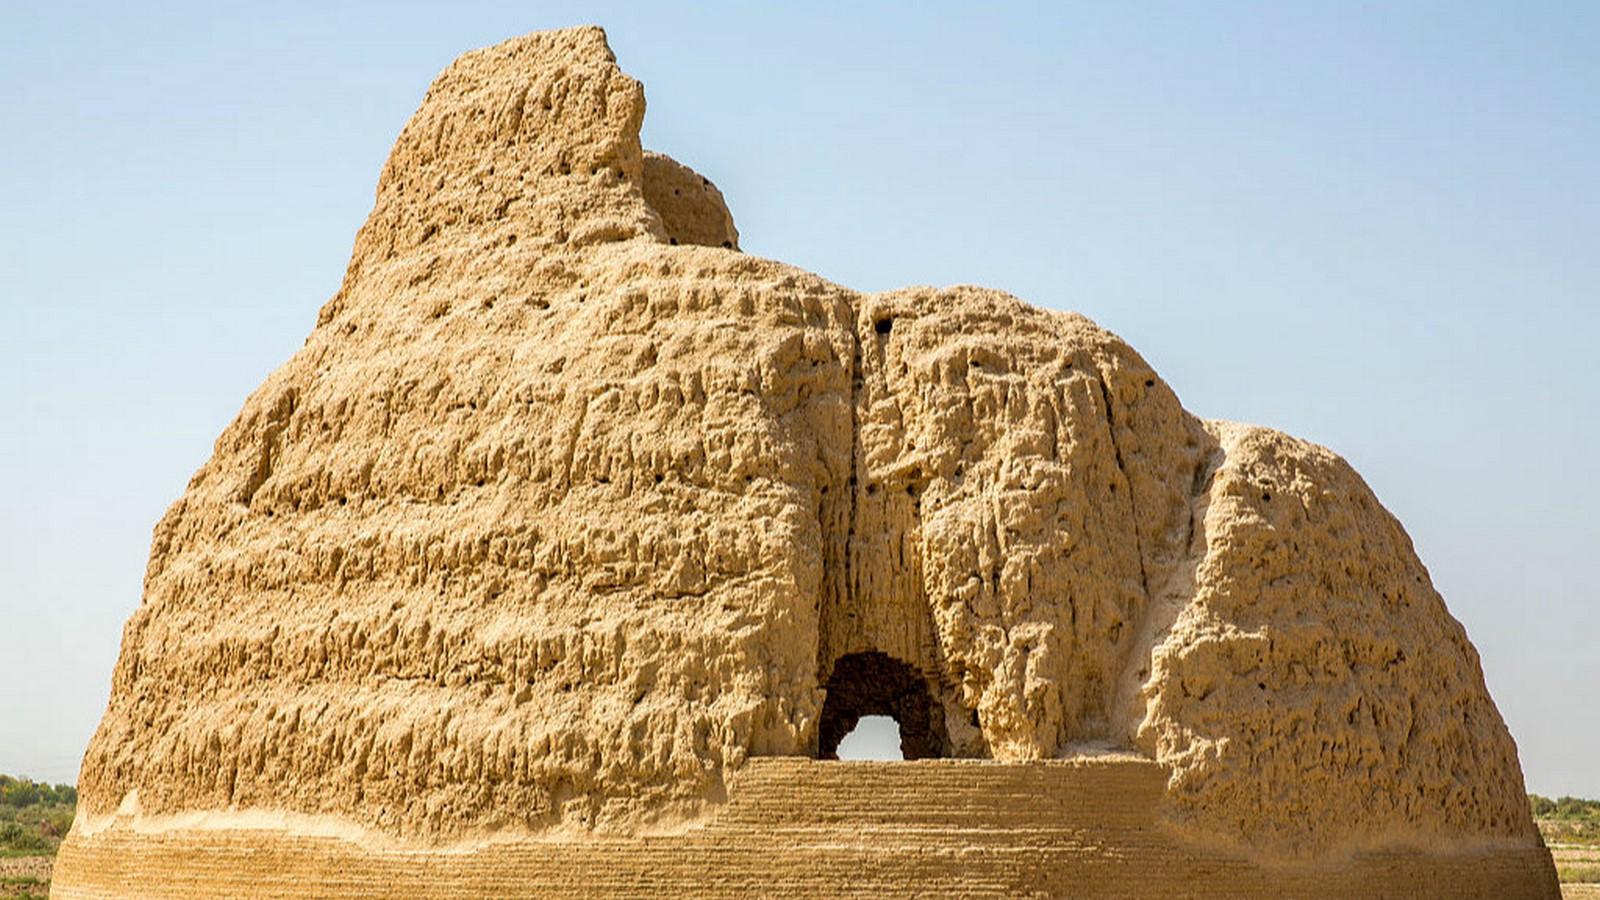 Lost In Time: Merv, Turkmenistan - Sheet4